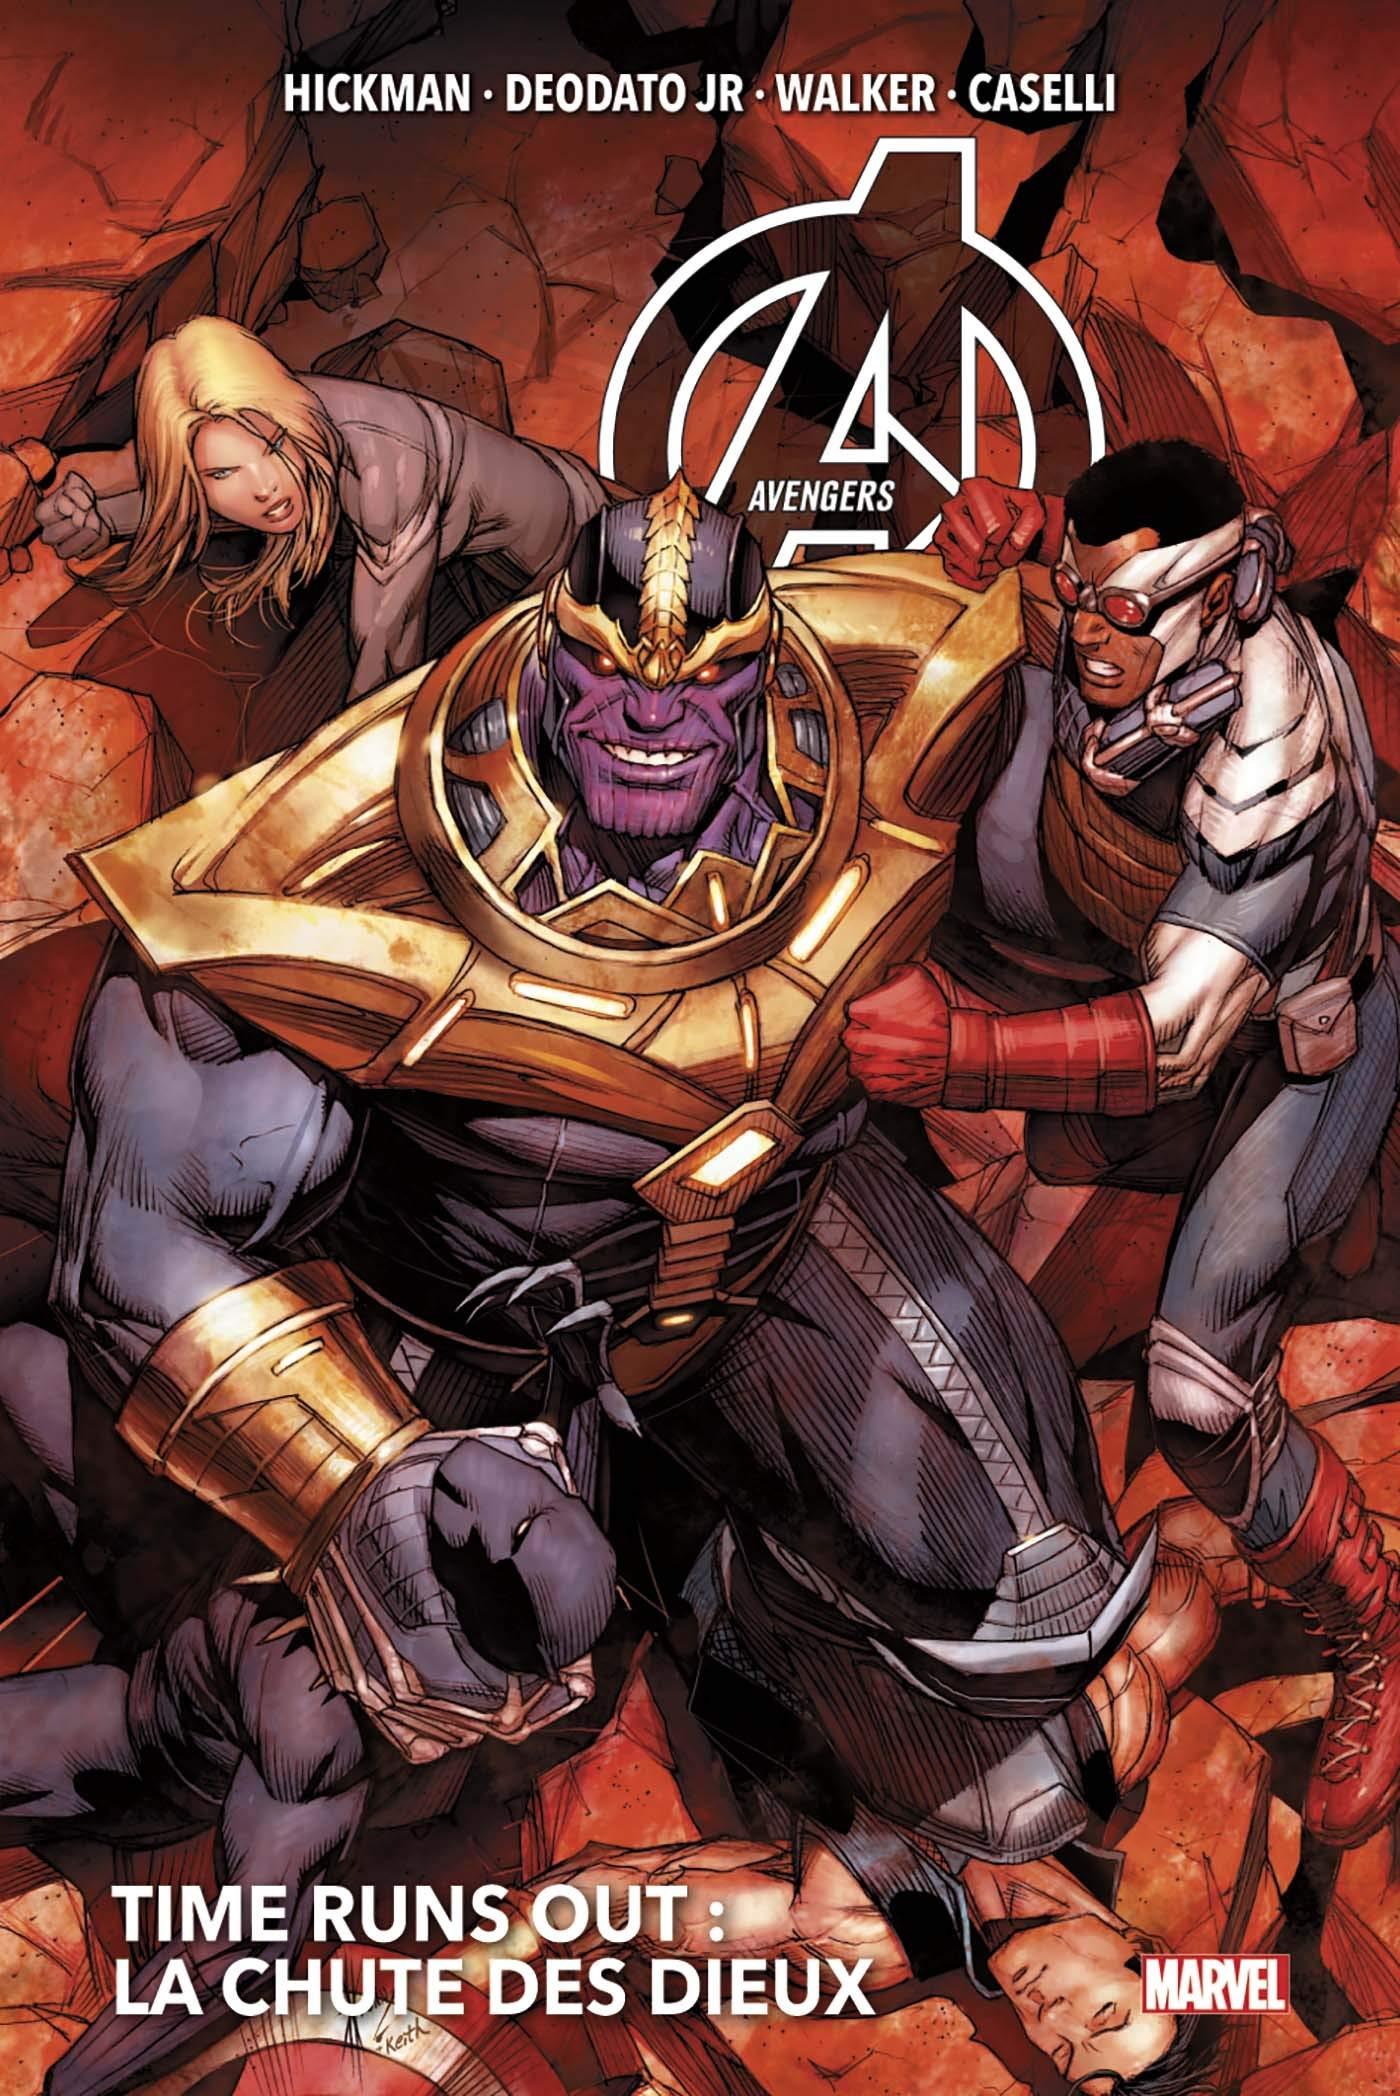 Avengers - Time Runs Out 2 - La chute des dieux